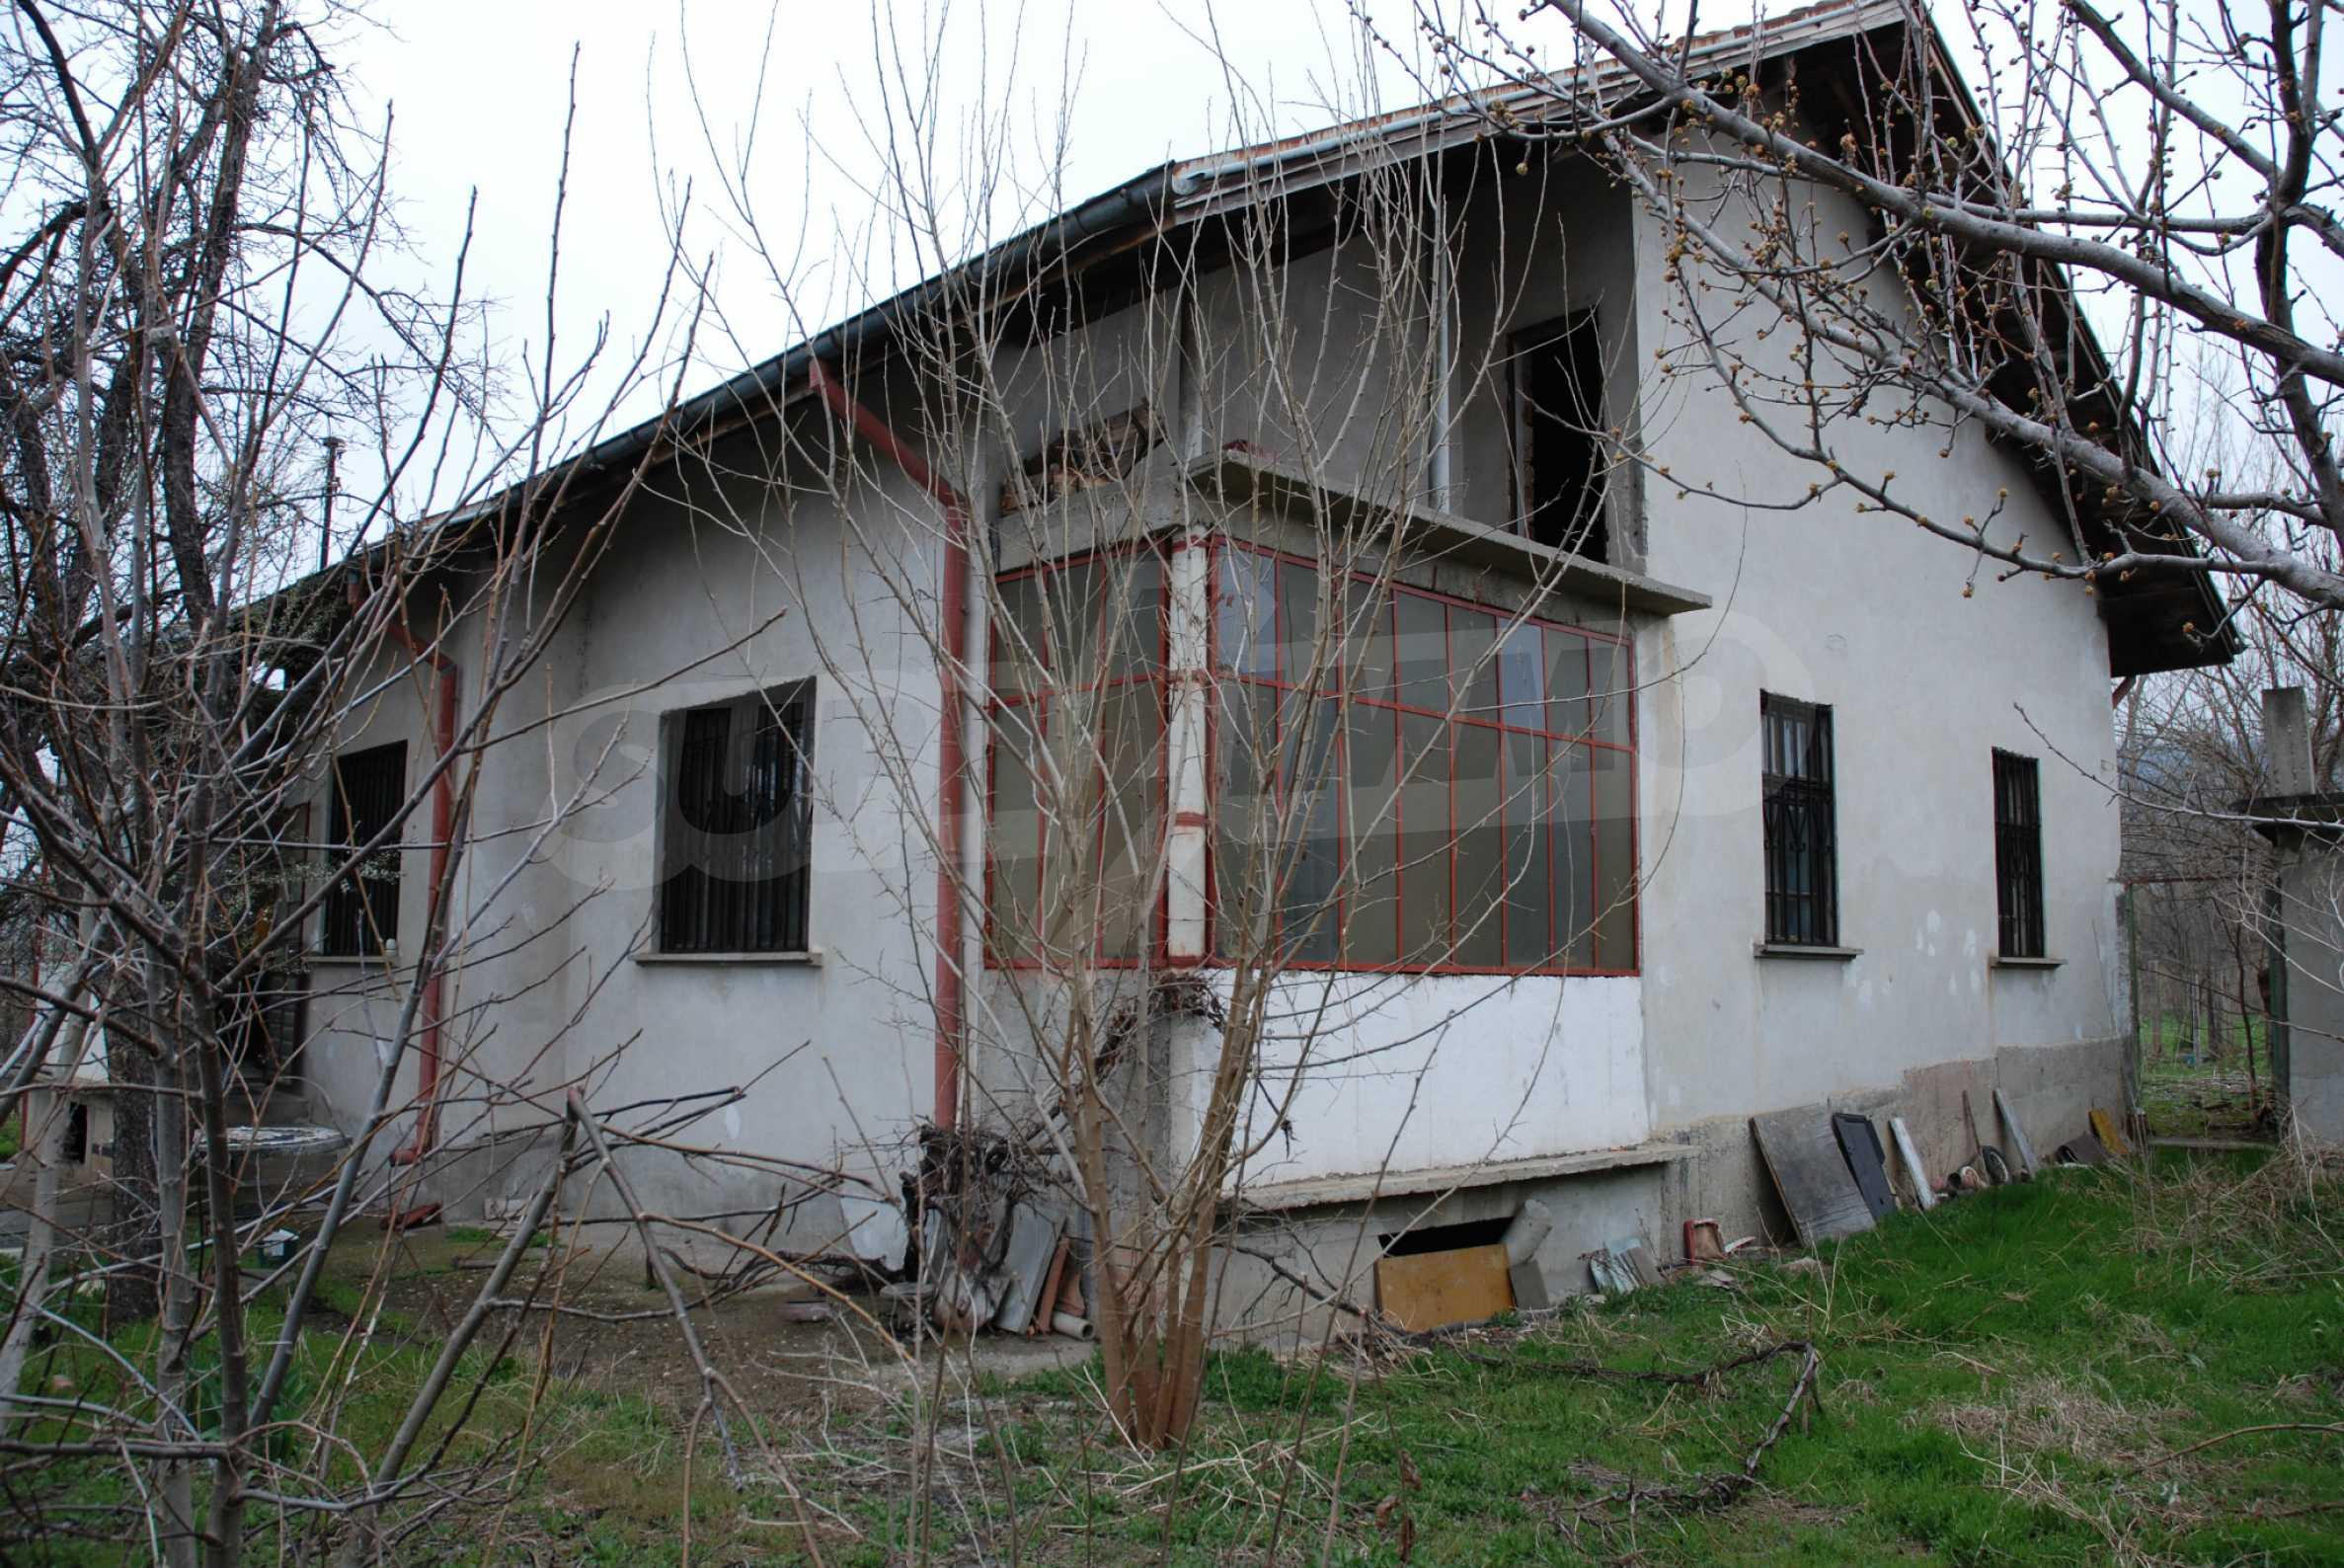 Ein solides, großes Haus in einem Dorf am Fluss 10